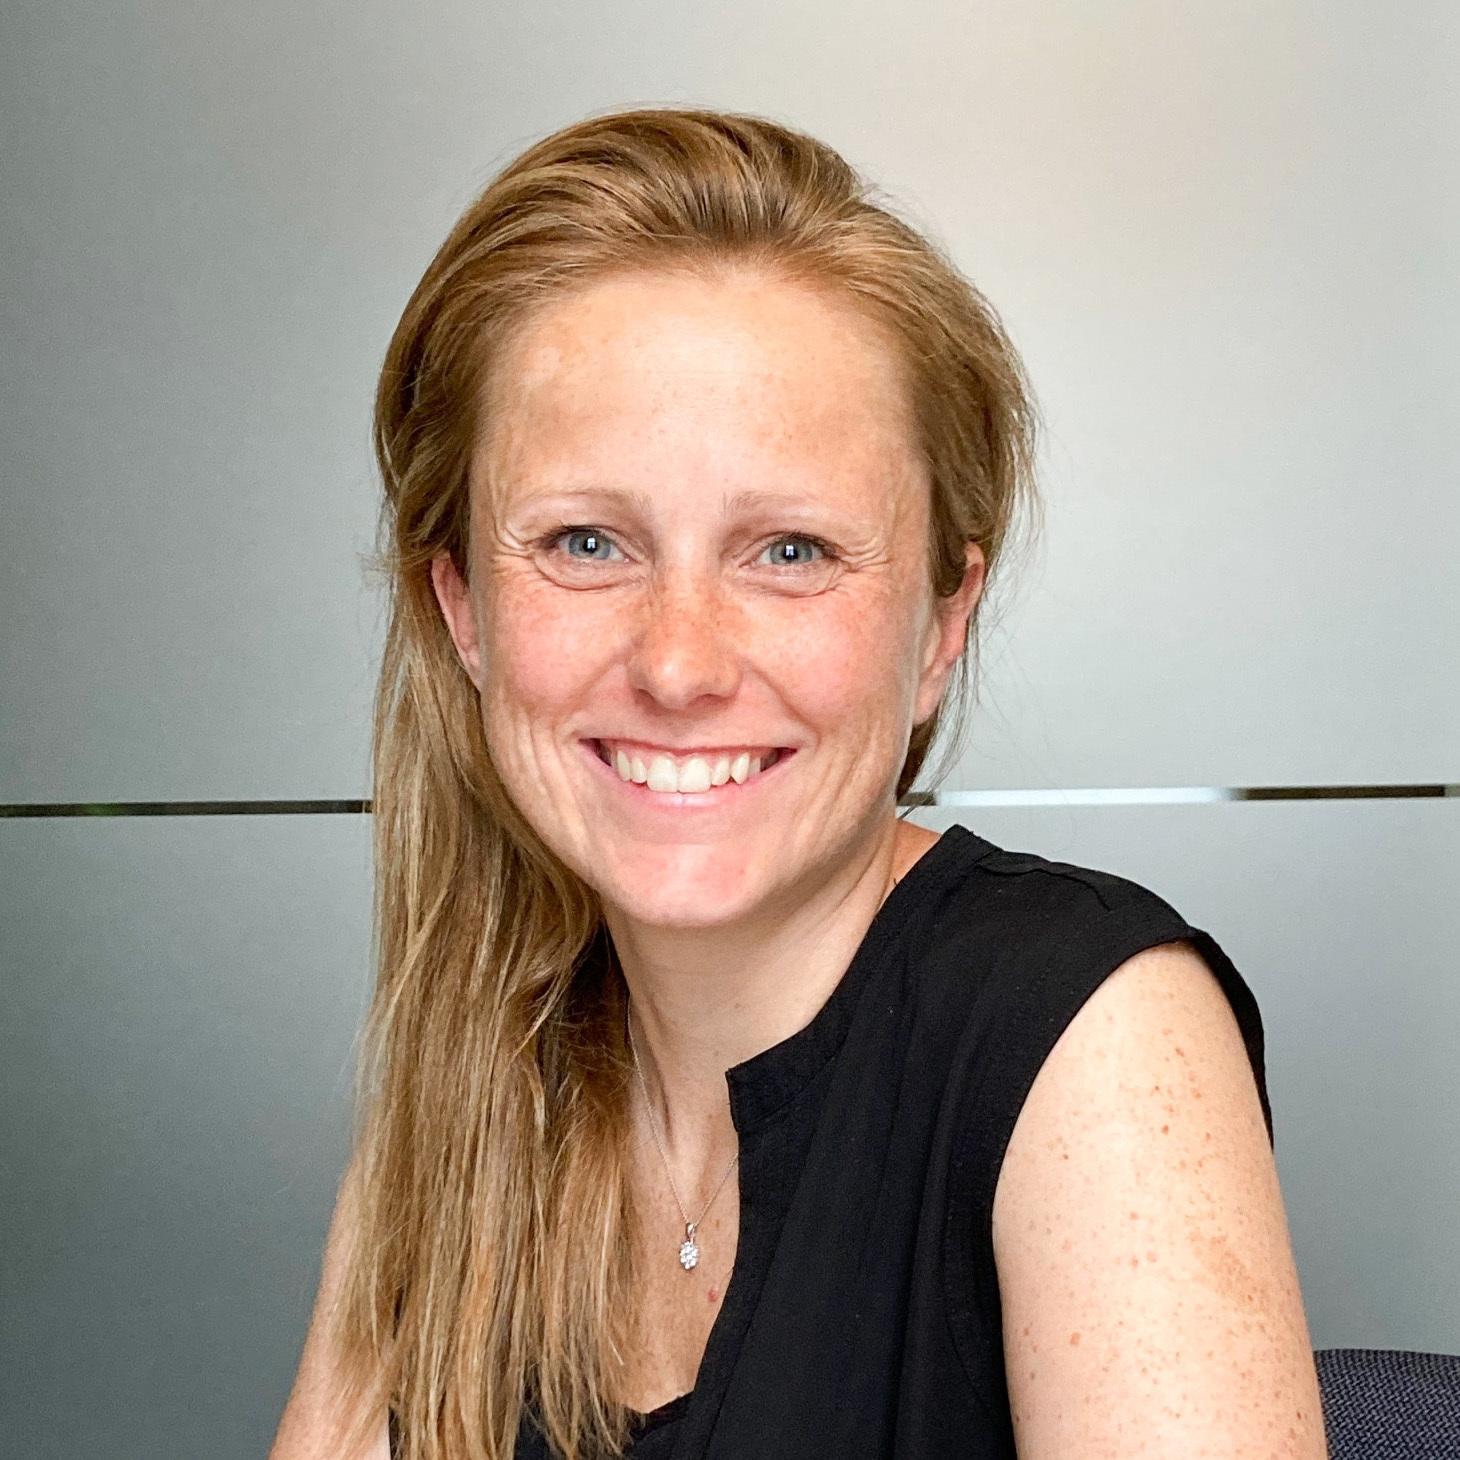 Micheline Goossens